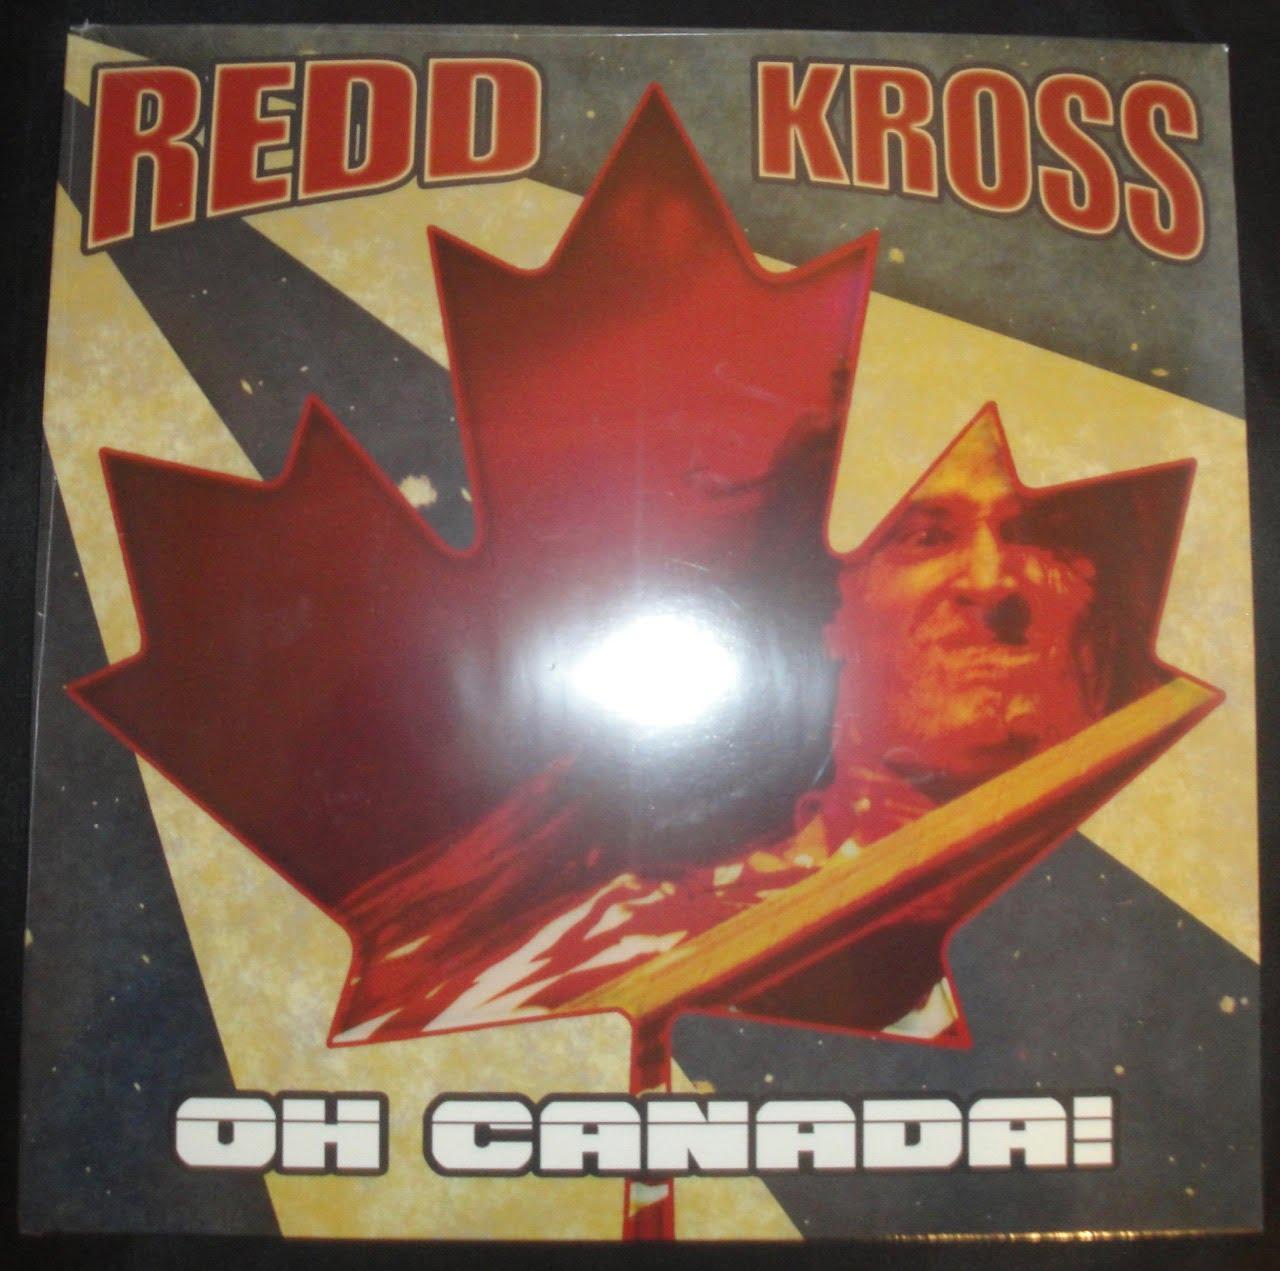 Redd Kross - Oh Canada! Live 1997, Vinyl, LP, Bang! [Import] 2018